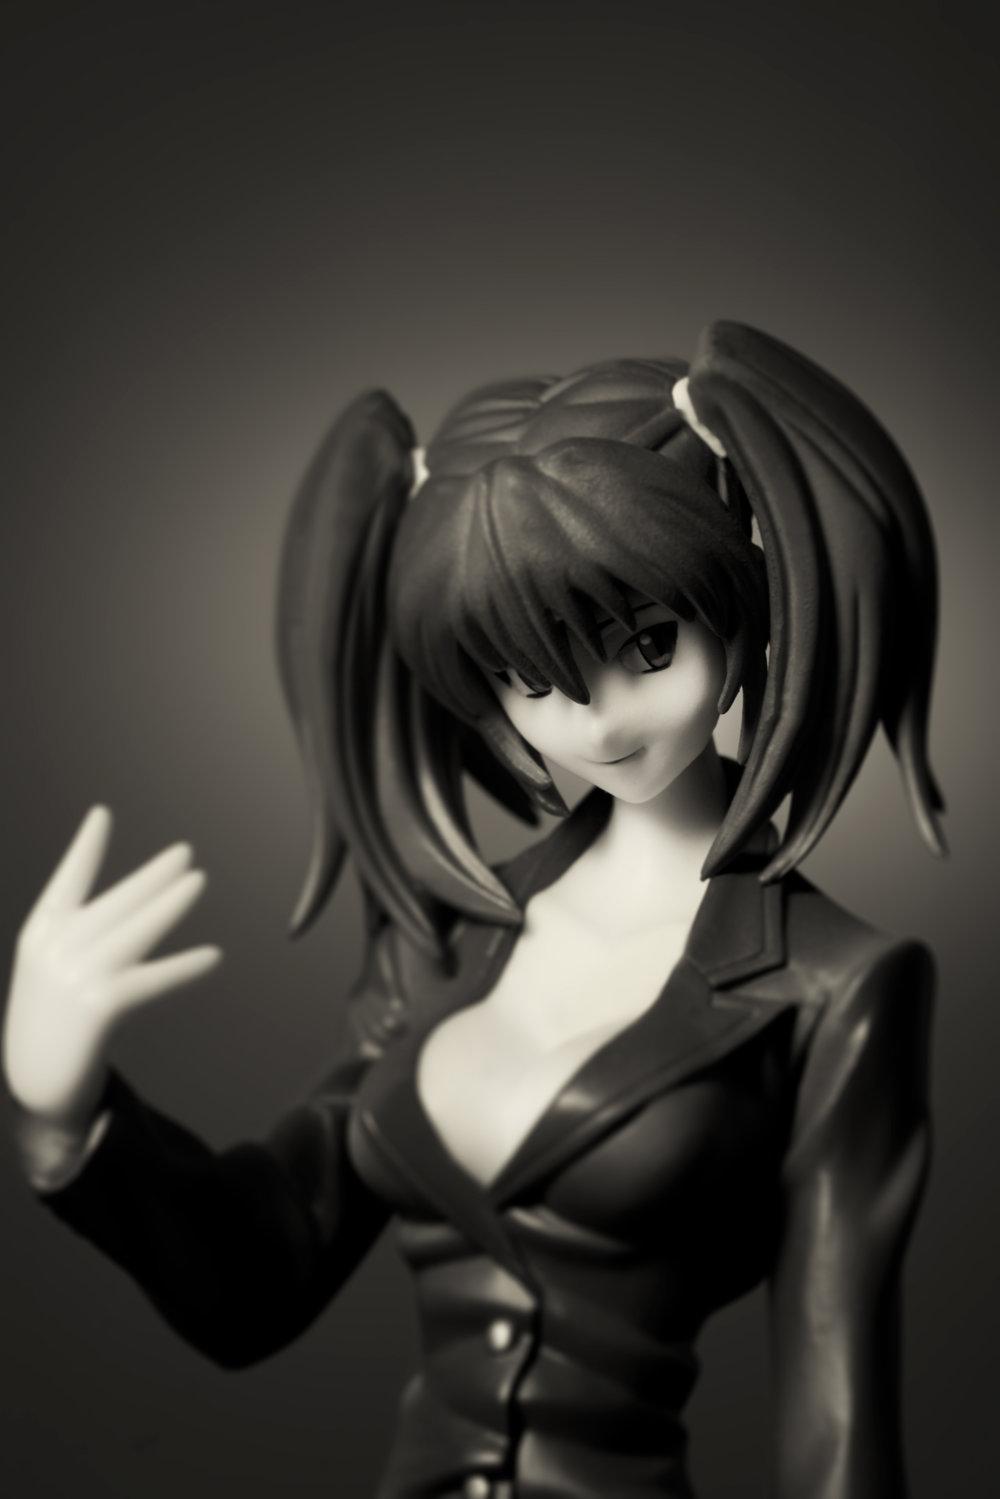 fo_manga - portrait #6